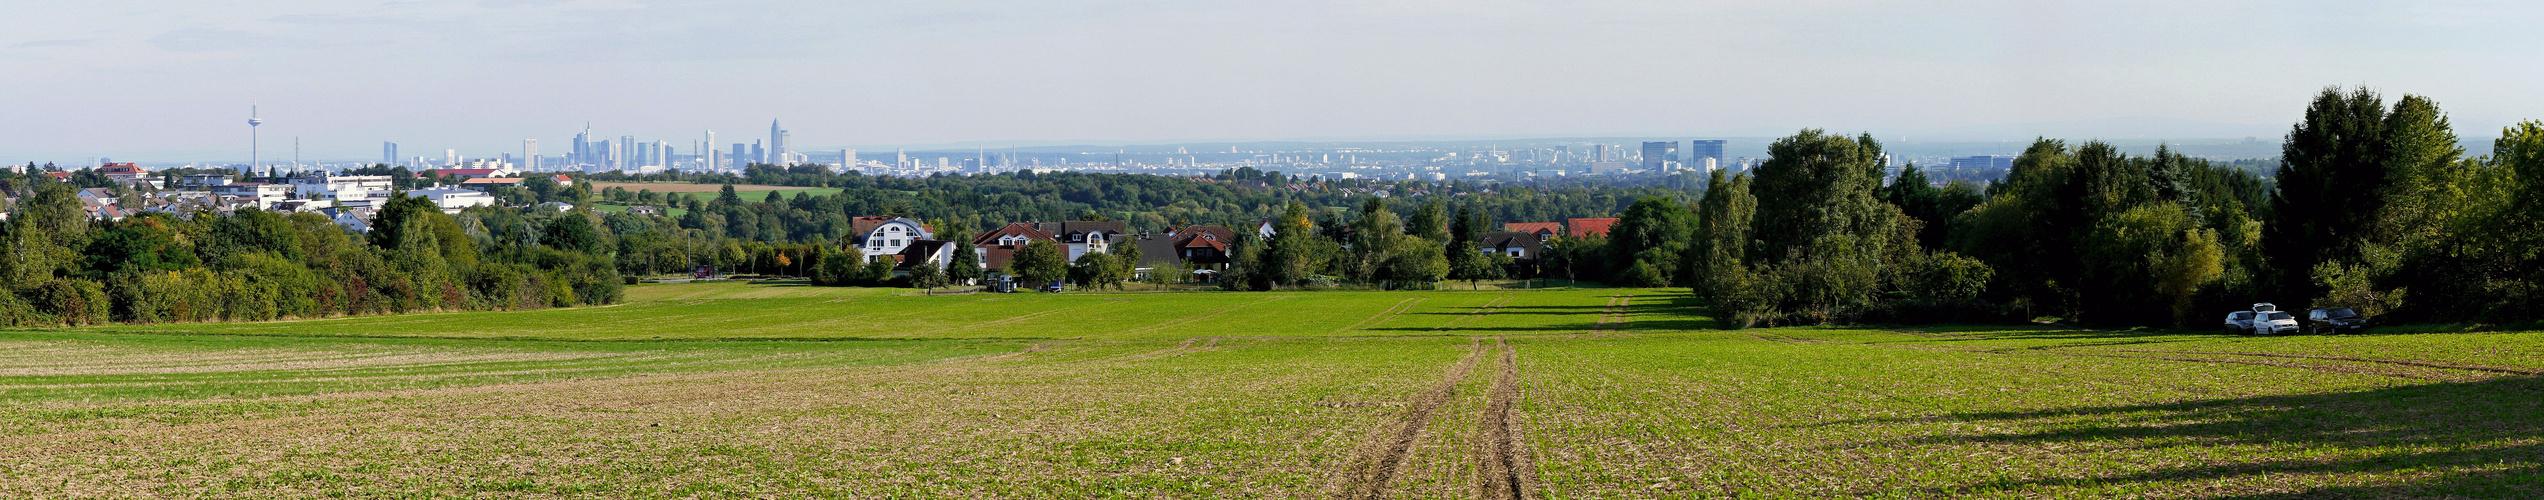 Frankfurter Skyline von Oberhöchstadt (Kronberg) aus gesehen